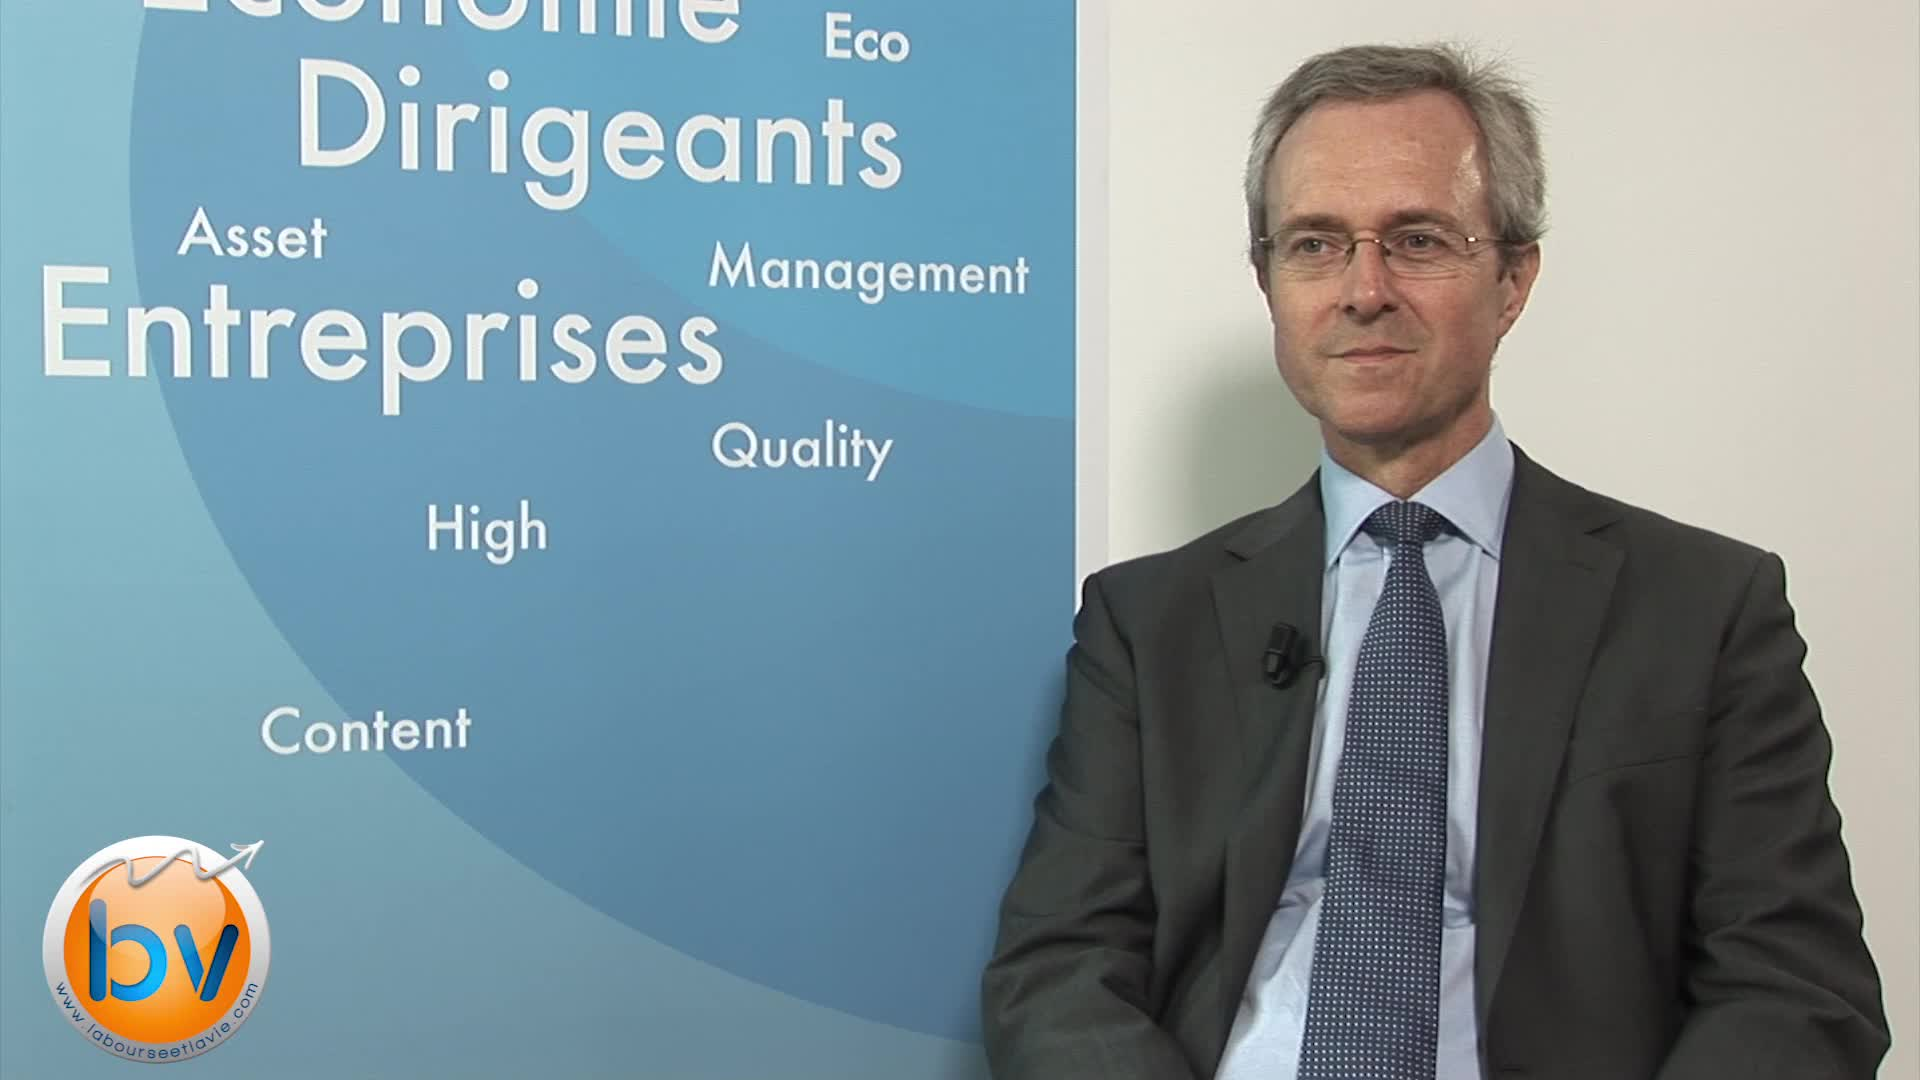 """William de Vijlder Directeur de la Recherche économique BNP Paribas : """"Les marchés sont extrêmement corrélés"""""""